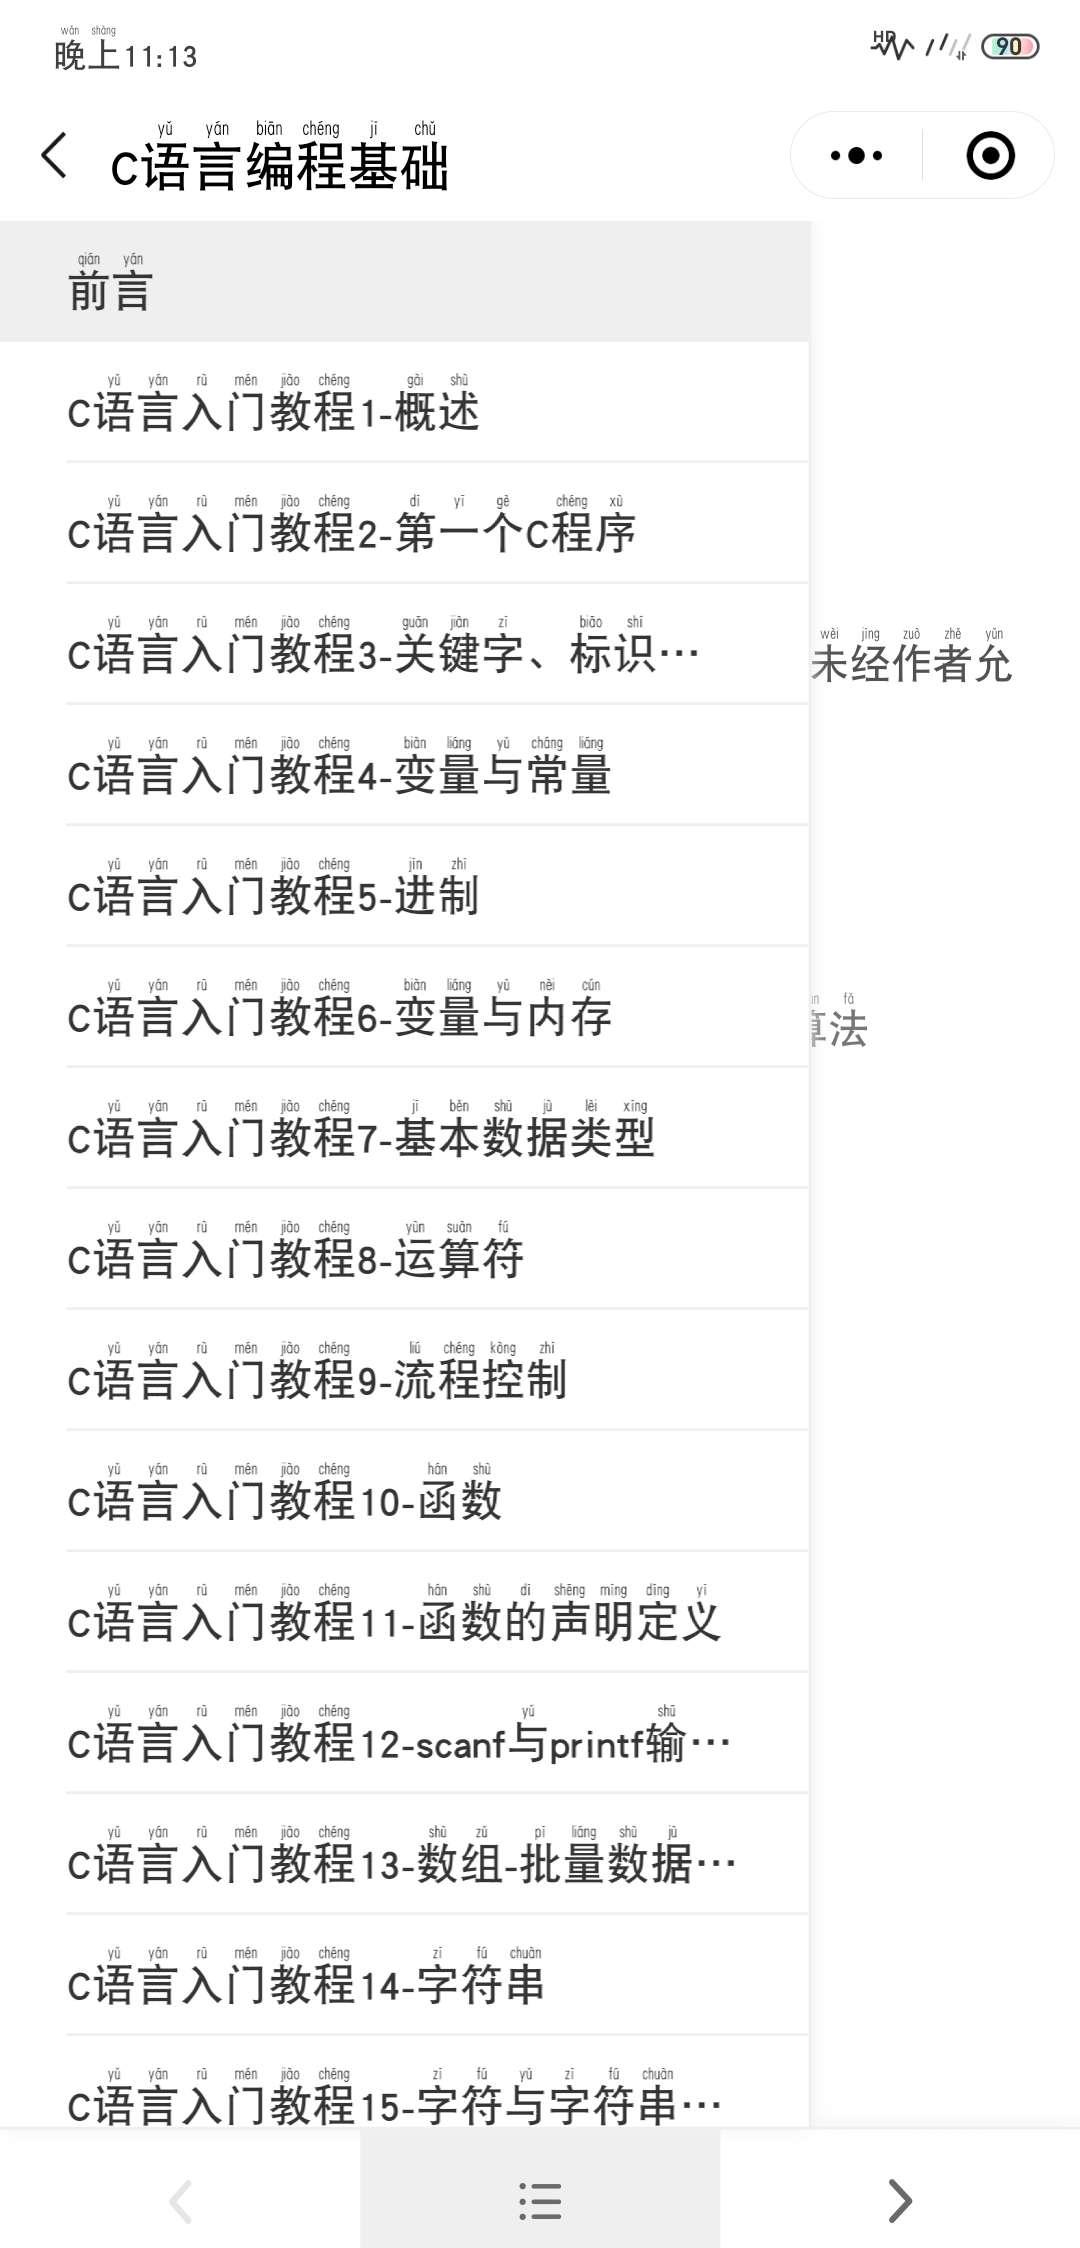 【小程序】看云阅读 在线文档阅读 微信小程序-爱小助